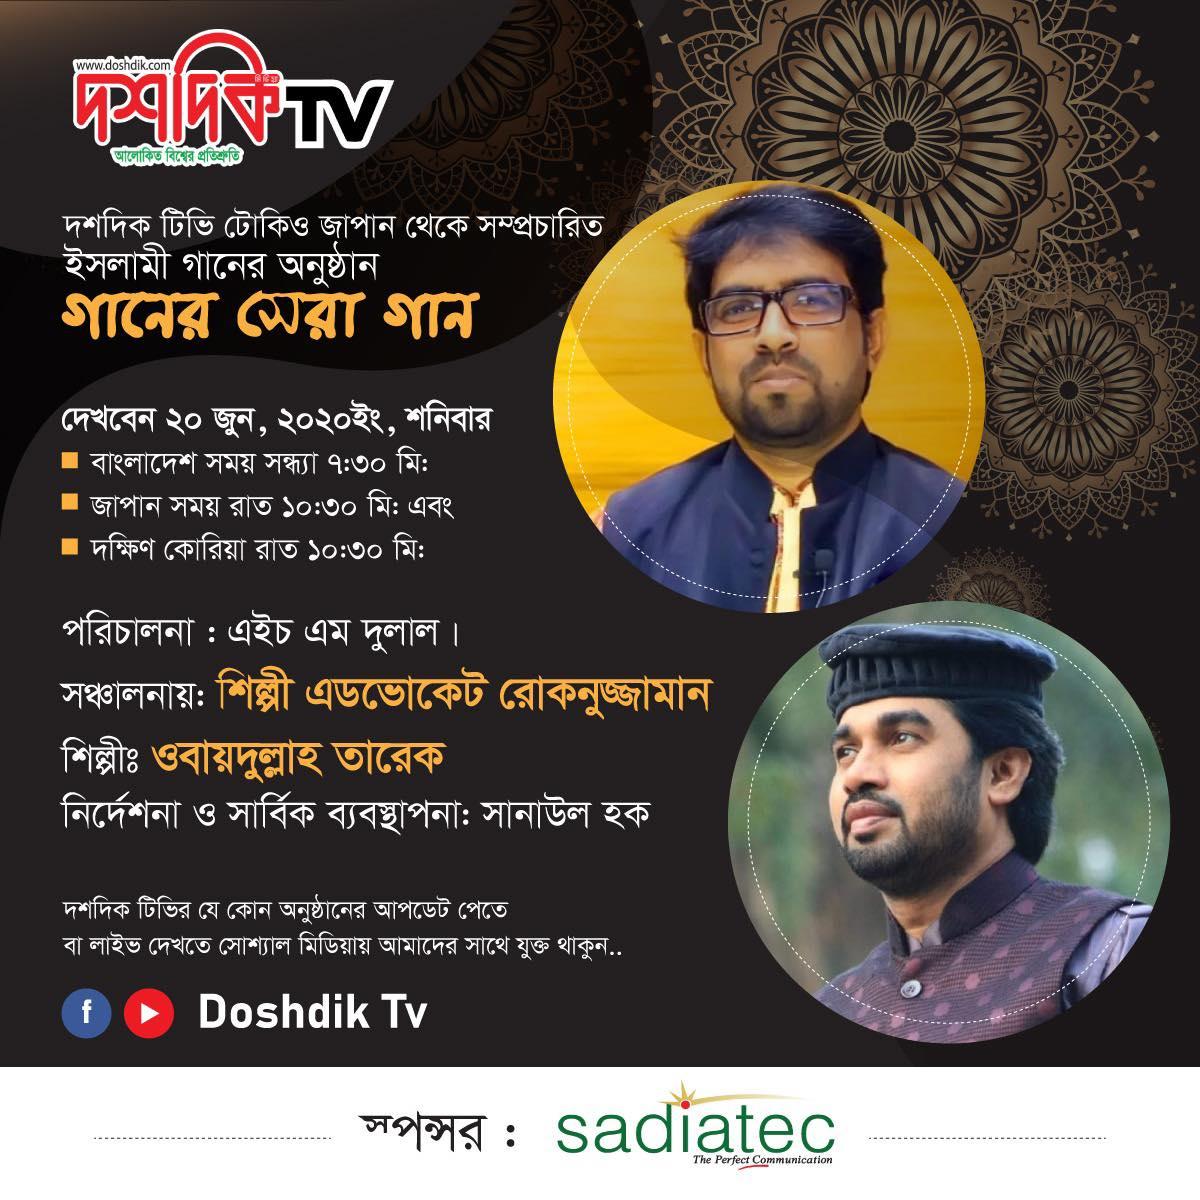 গানের সেরা গান Doshdik TV Live